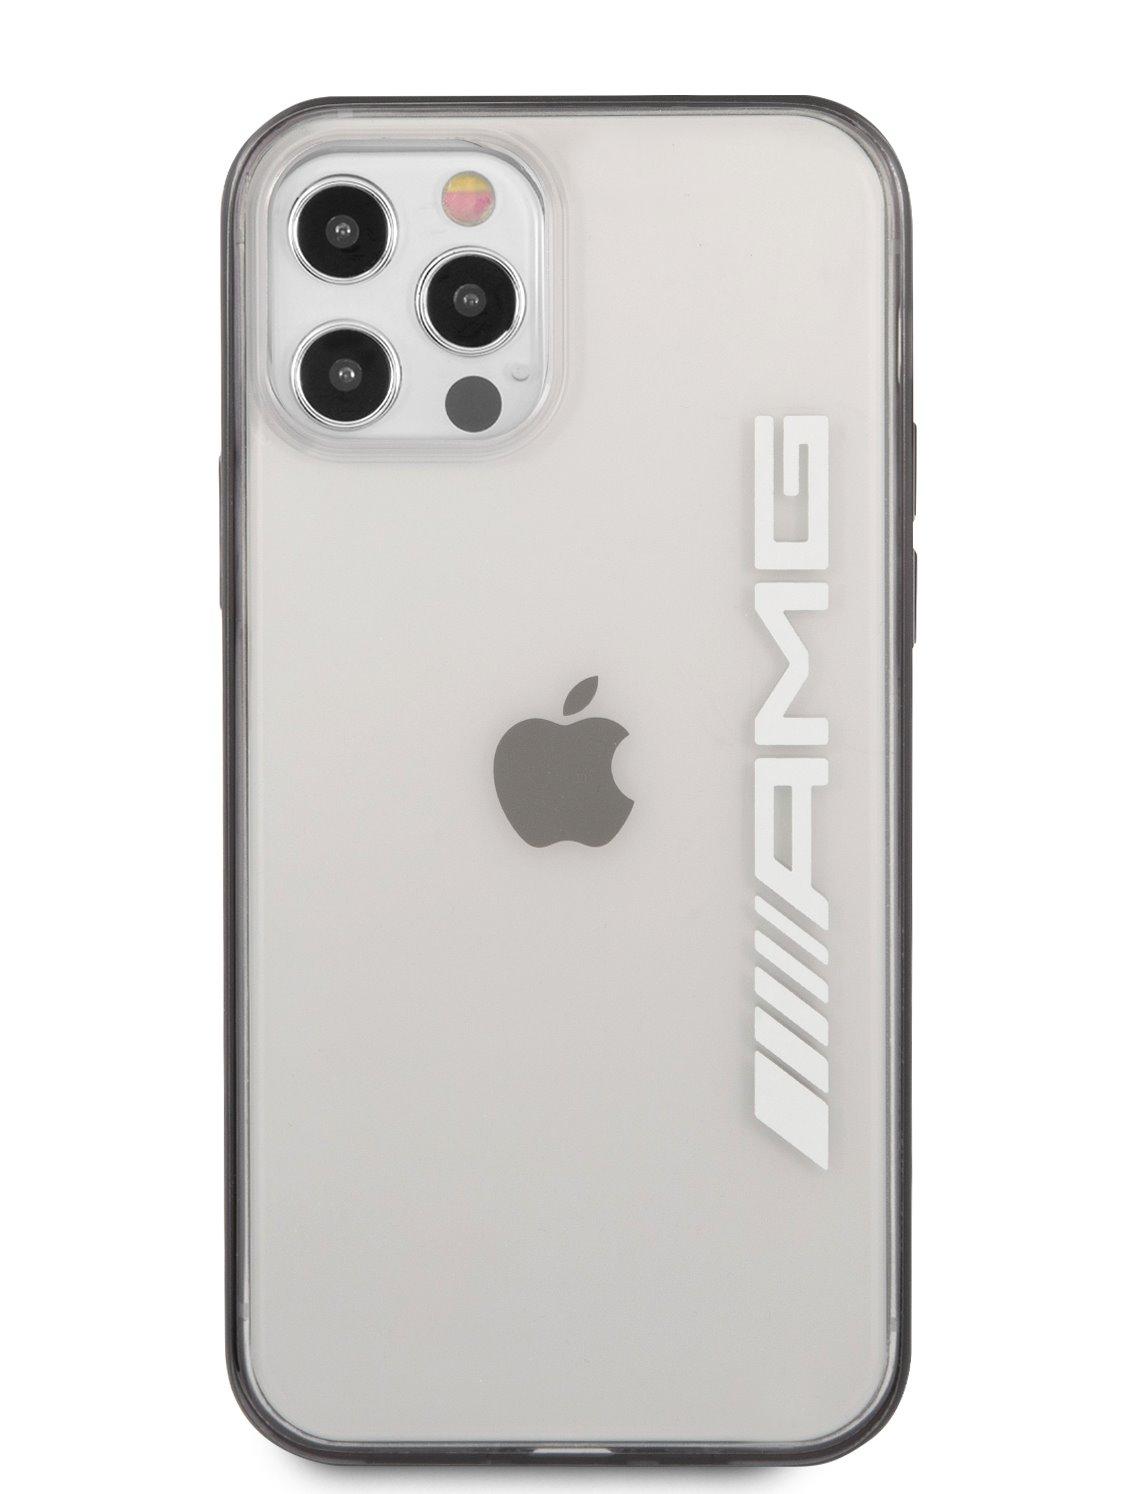 AMHCP12LAESLBK AMG Metallic Black Edges Kryt pro iPhone 12 Pro Max 6.7 Transparent 3666339014124